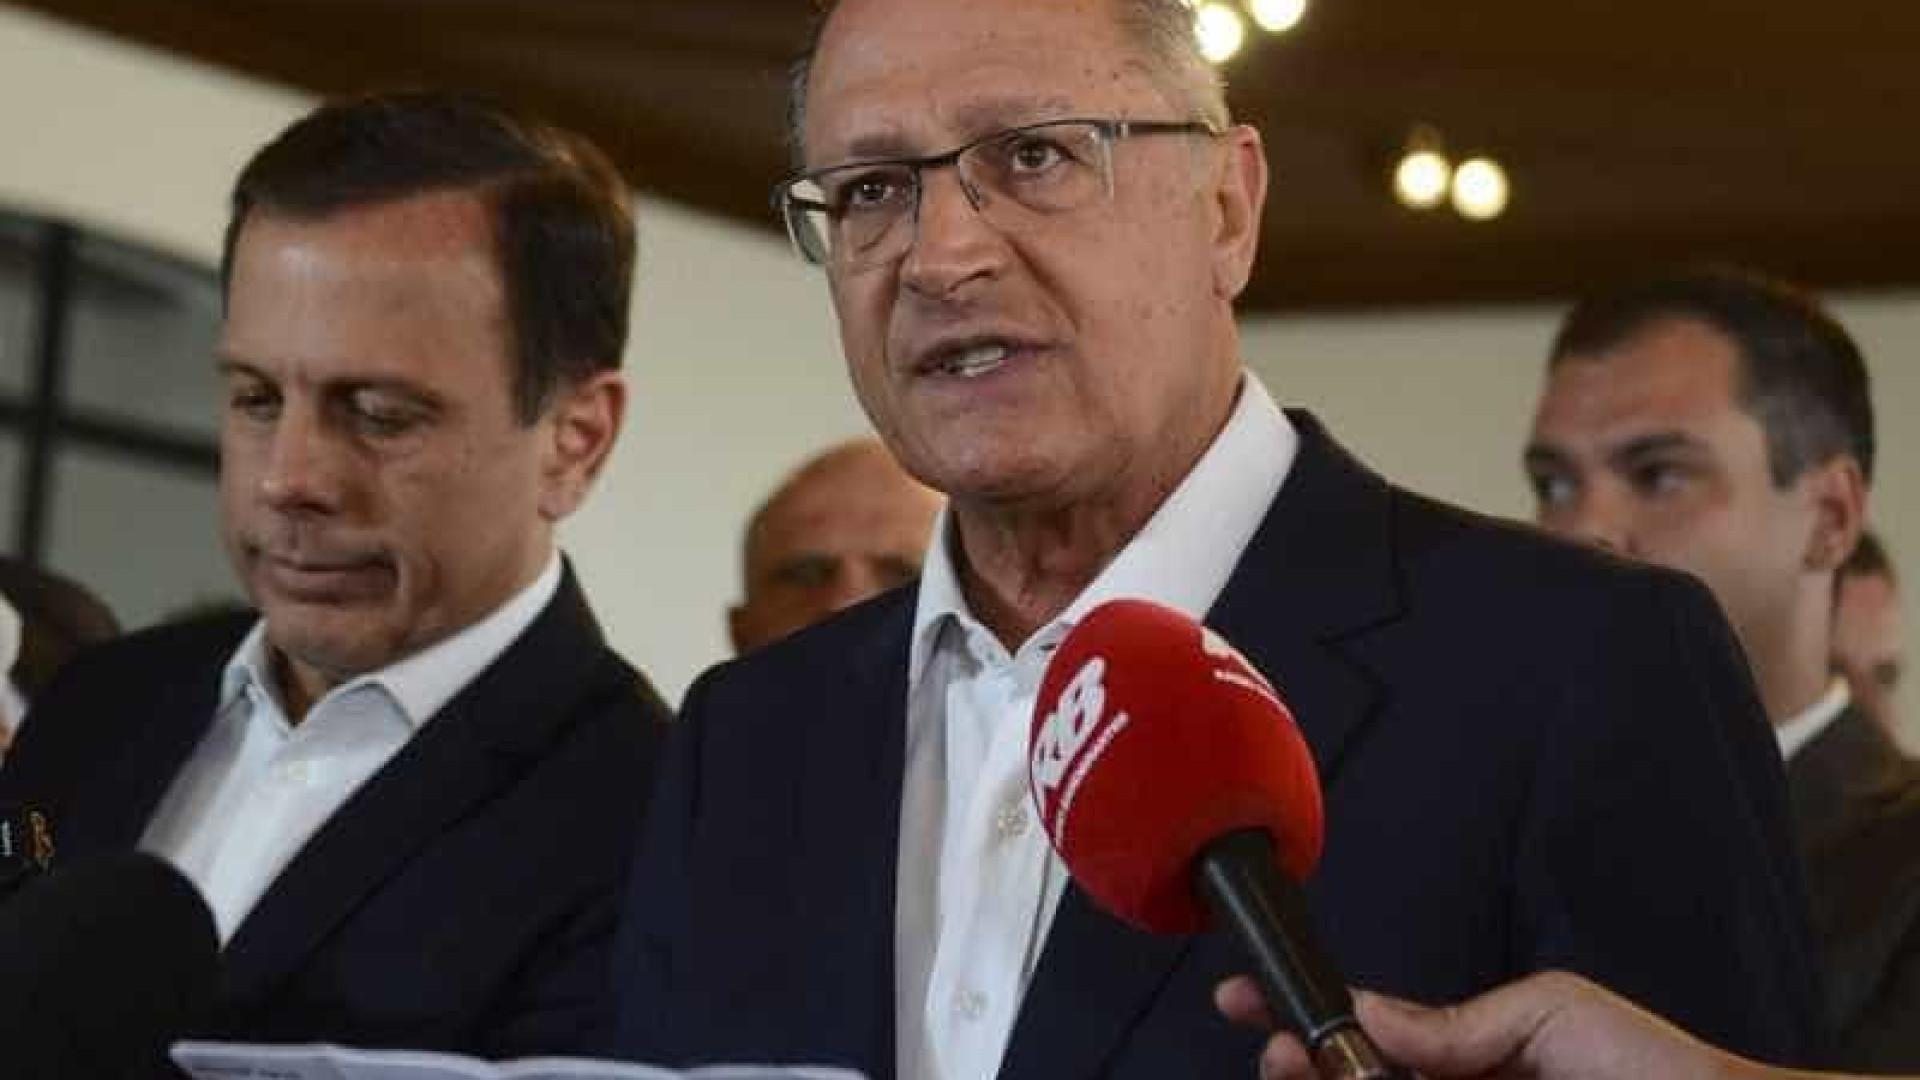 Em nova derrota, Alckmin terá que baixar todas as tarifas de transporte